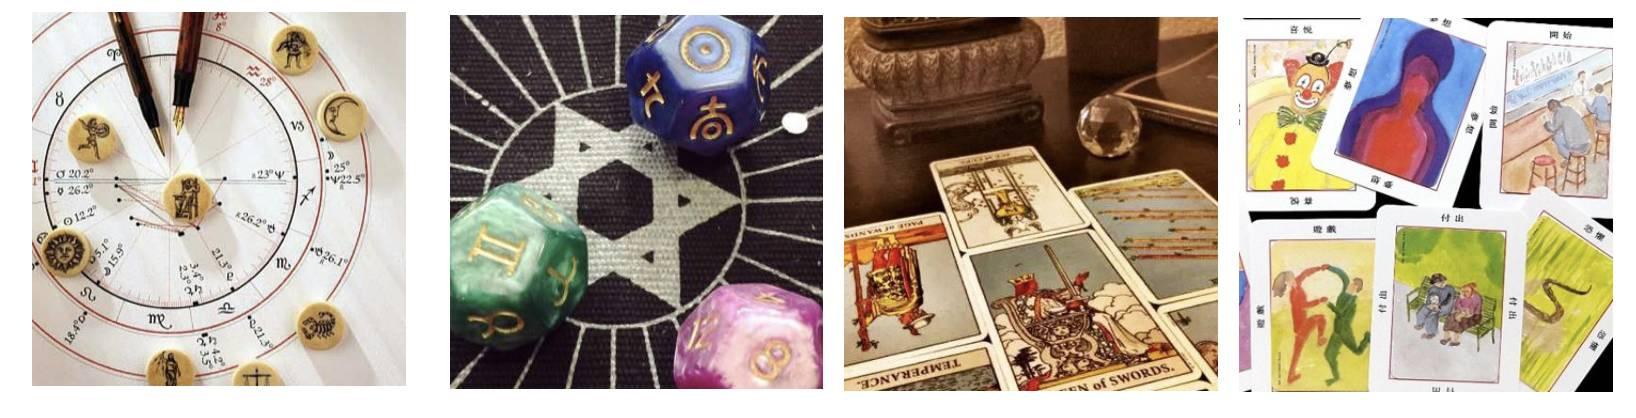 从左往右以此为占星星盘,占星骰子,塔罗牌,oh卡